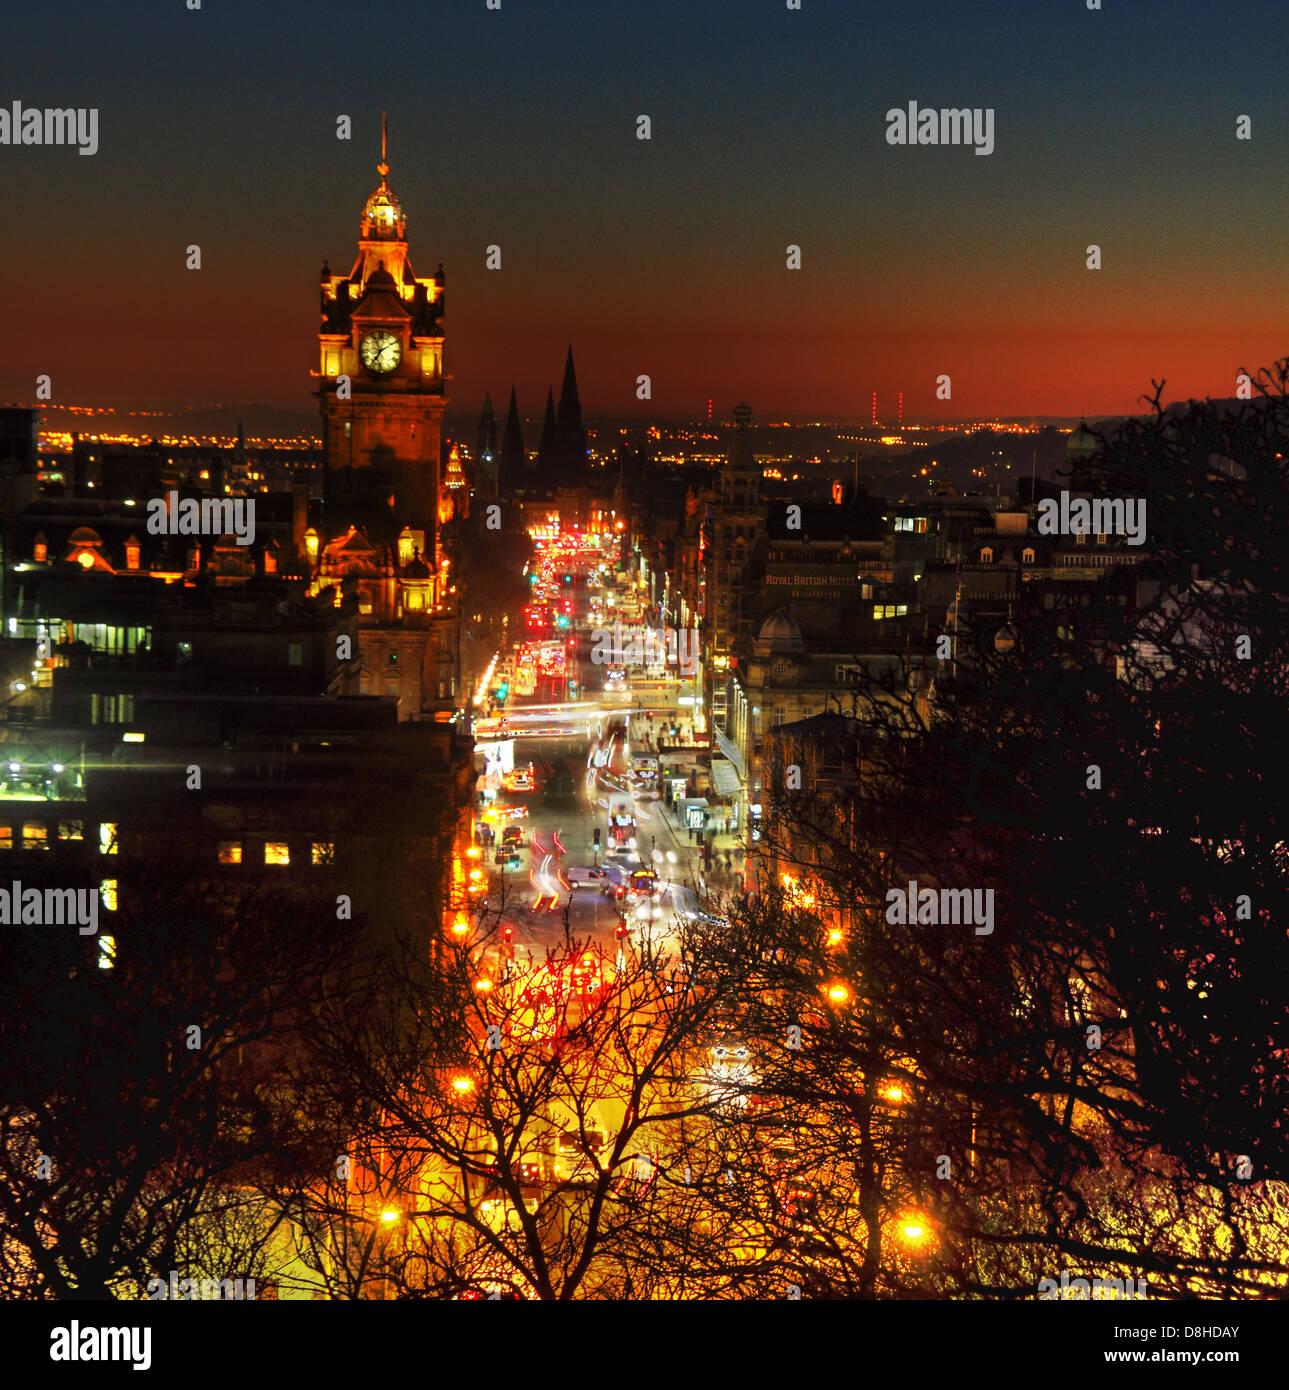 Laden Sie dieses Alamy Stockfoto Edinburgh City bei Nacht Princes St Dämmerung glühen vom frühen Abend Verkehr, Calton Hill - D8HDAY